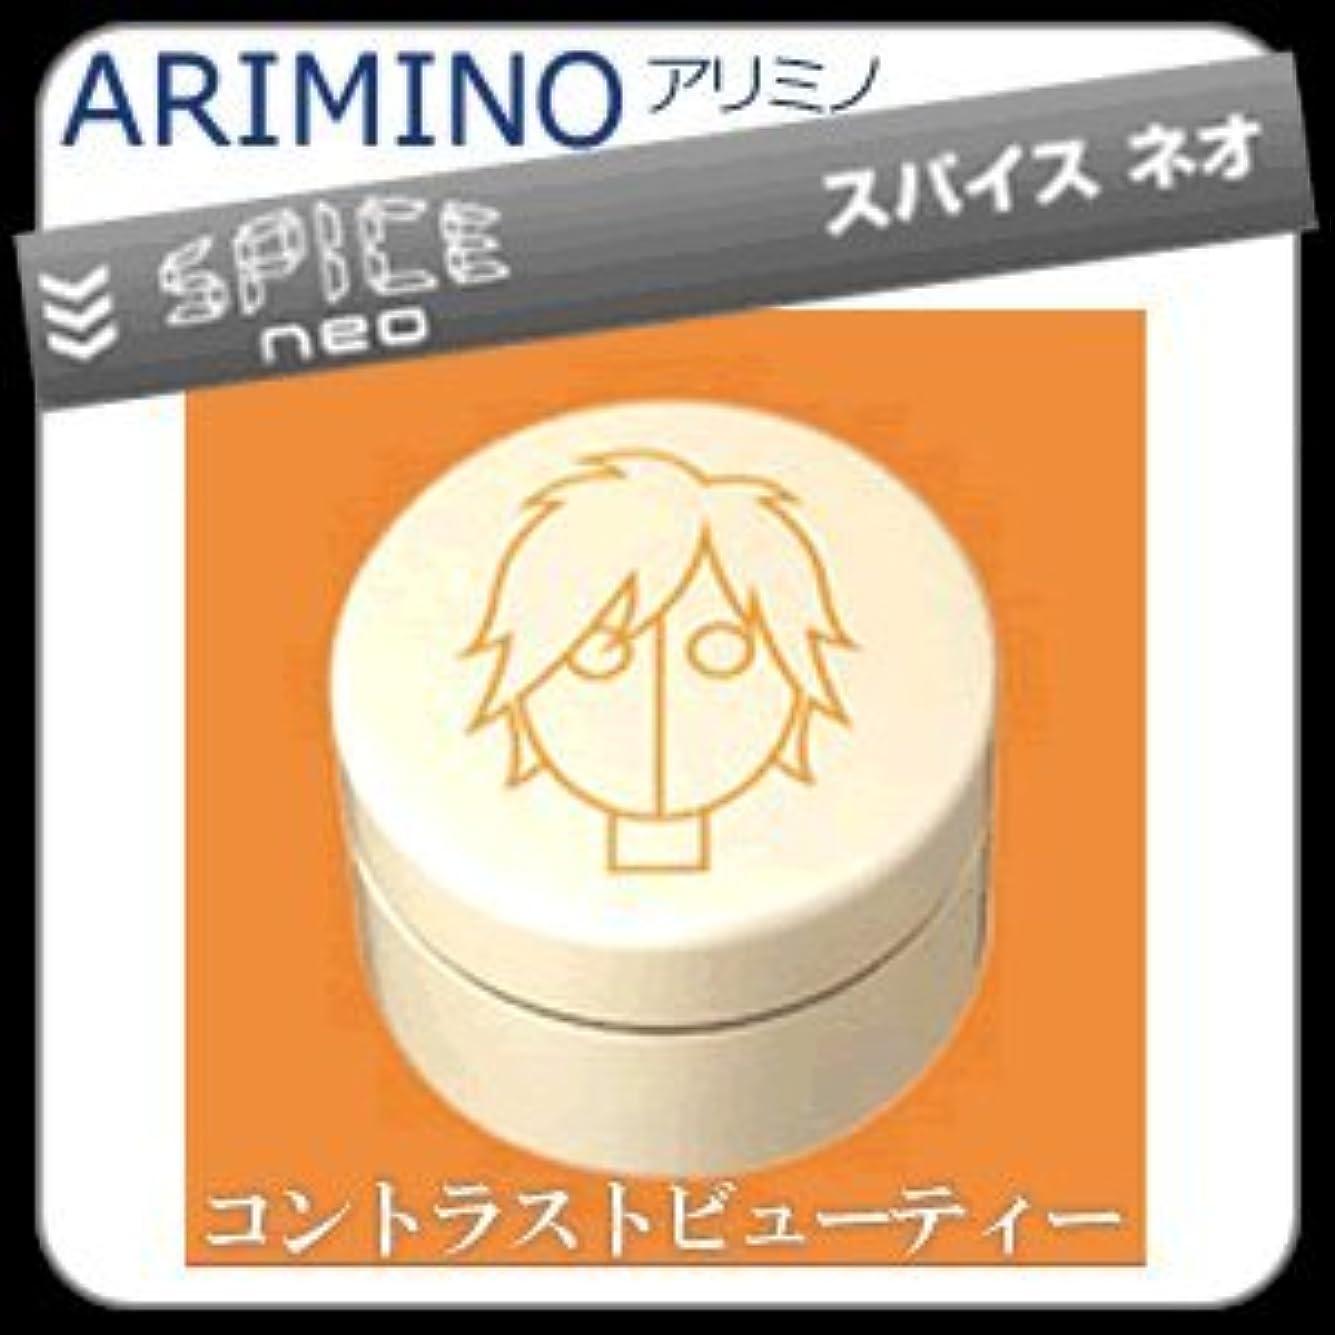 機械的に理論的のれん【X3個セット】 アリミノ スパイスネオ LIGHT HARD-WAX ライトハードワックス 100g ARIMINO SPICE neo